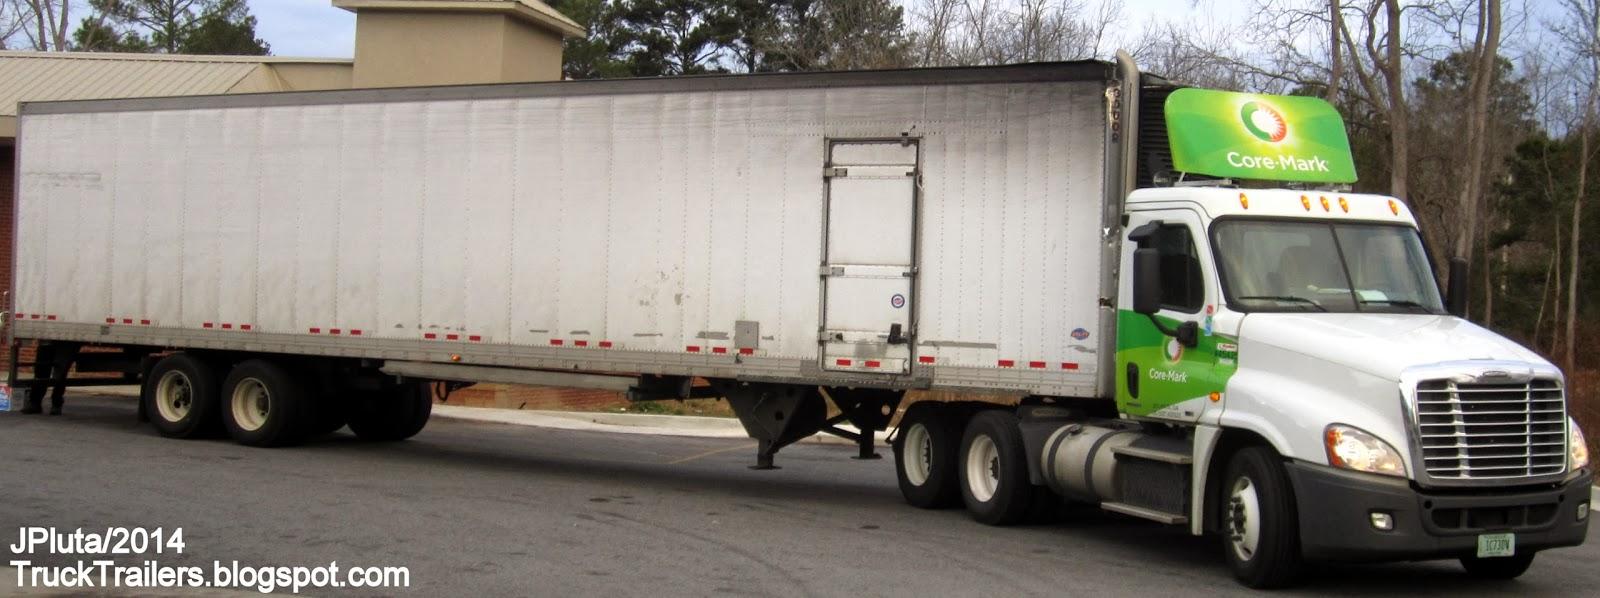 Used semi trucks in savannah ga for Trailer rental savannah ga